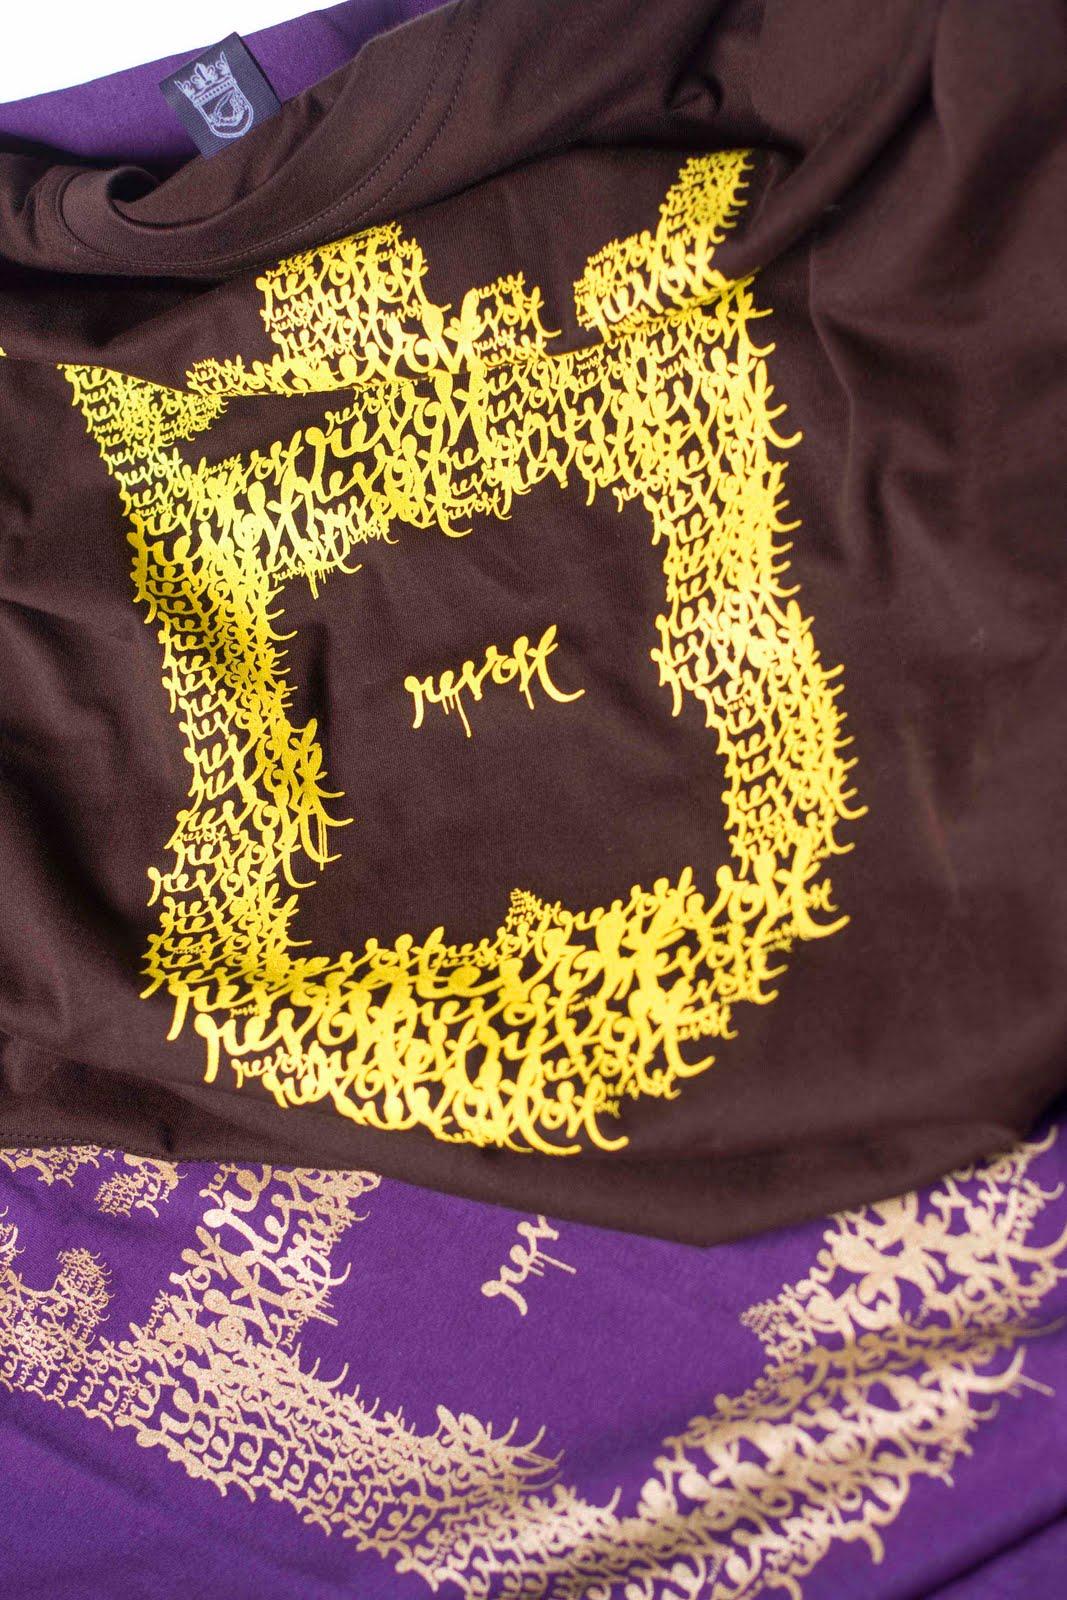 Mucha Lucha !: REVOLT CLOTHING SARAJEVO